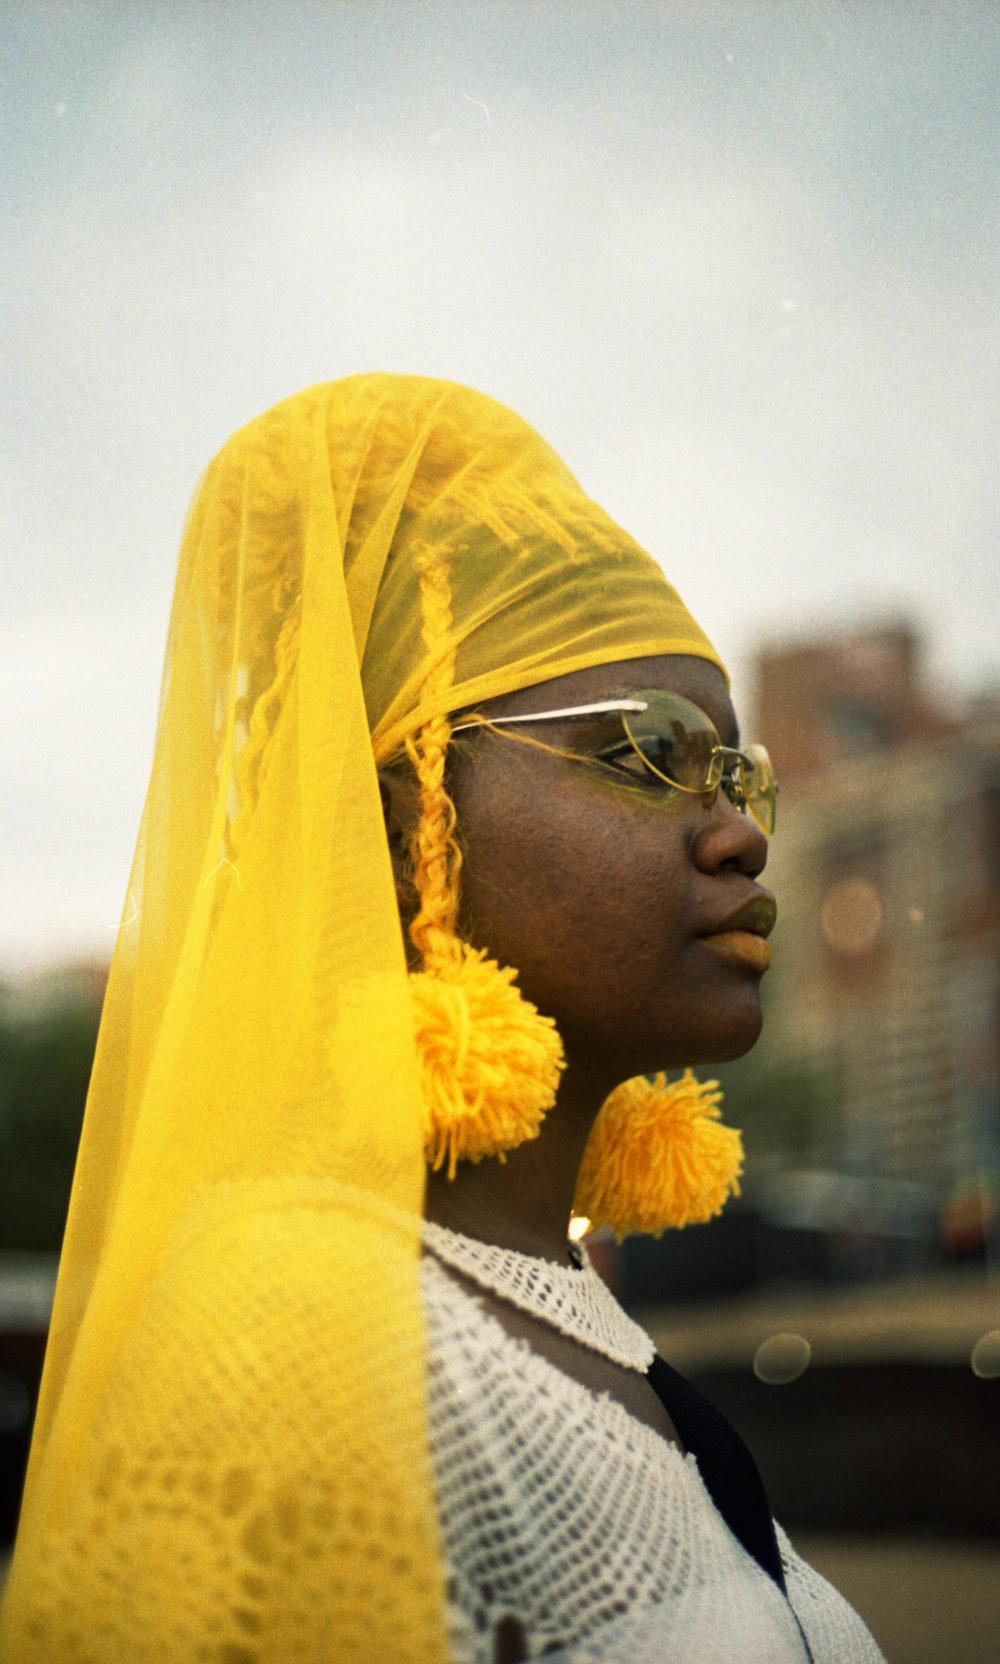 Phumzile Konile